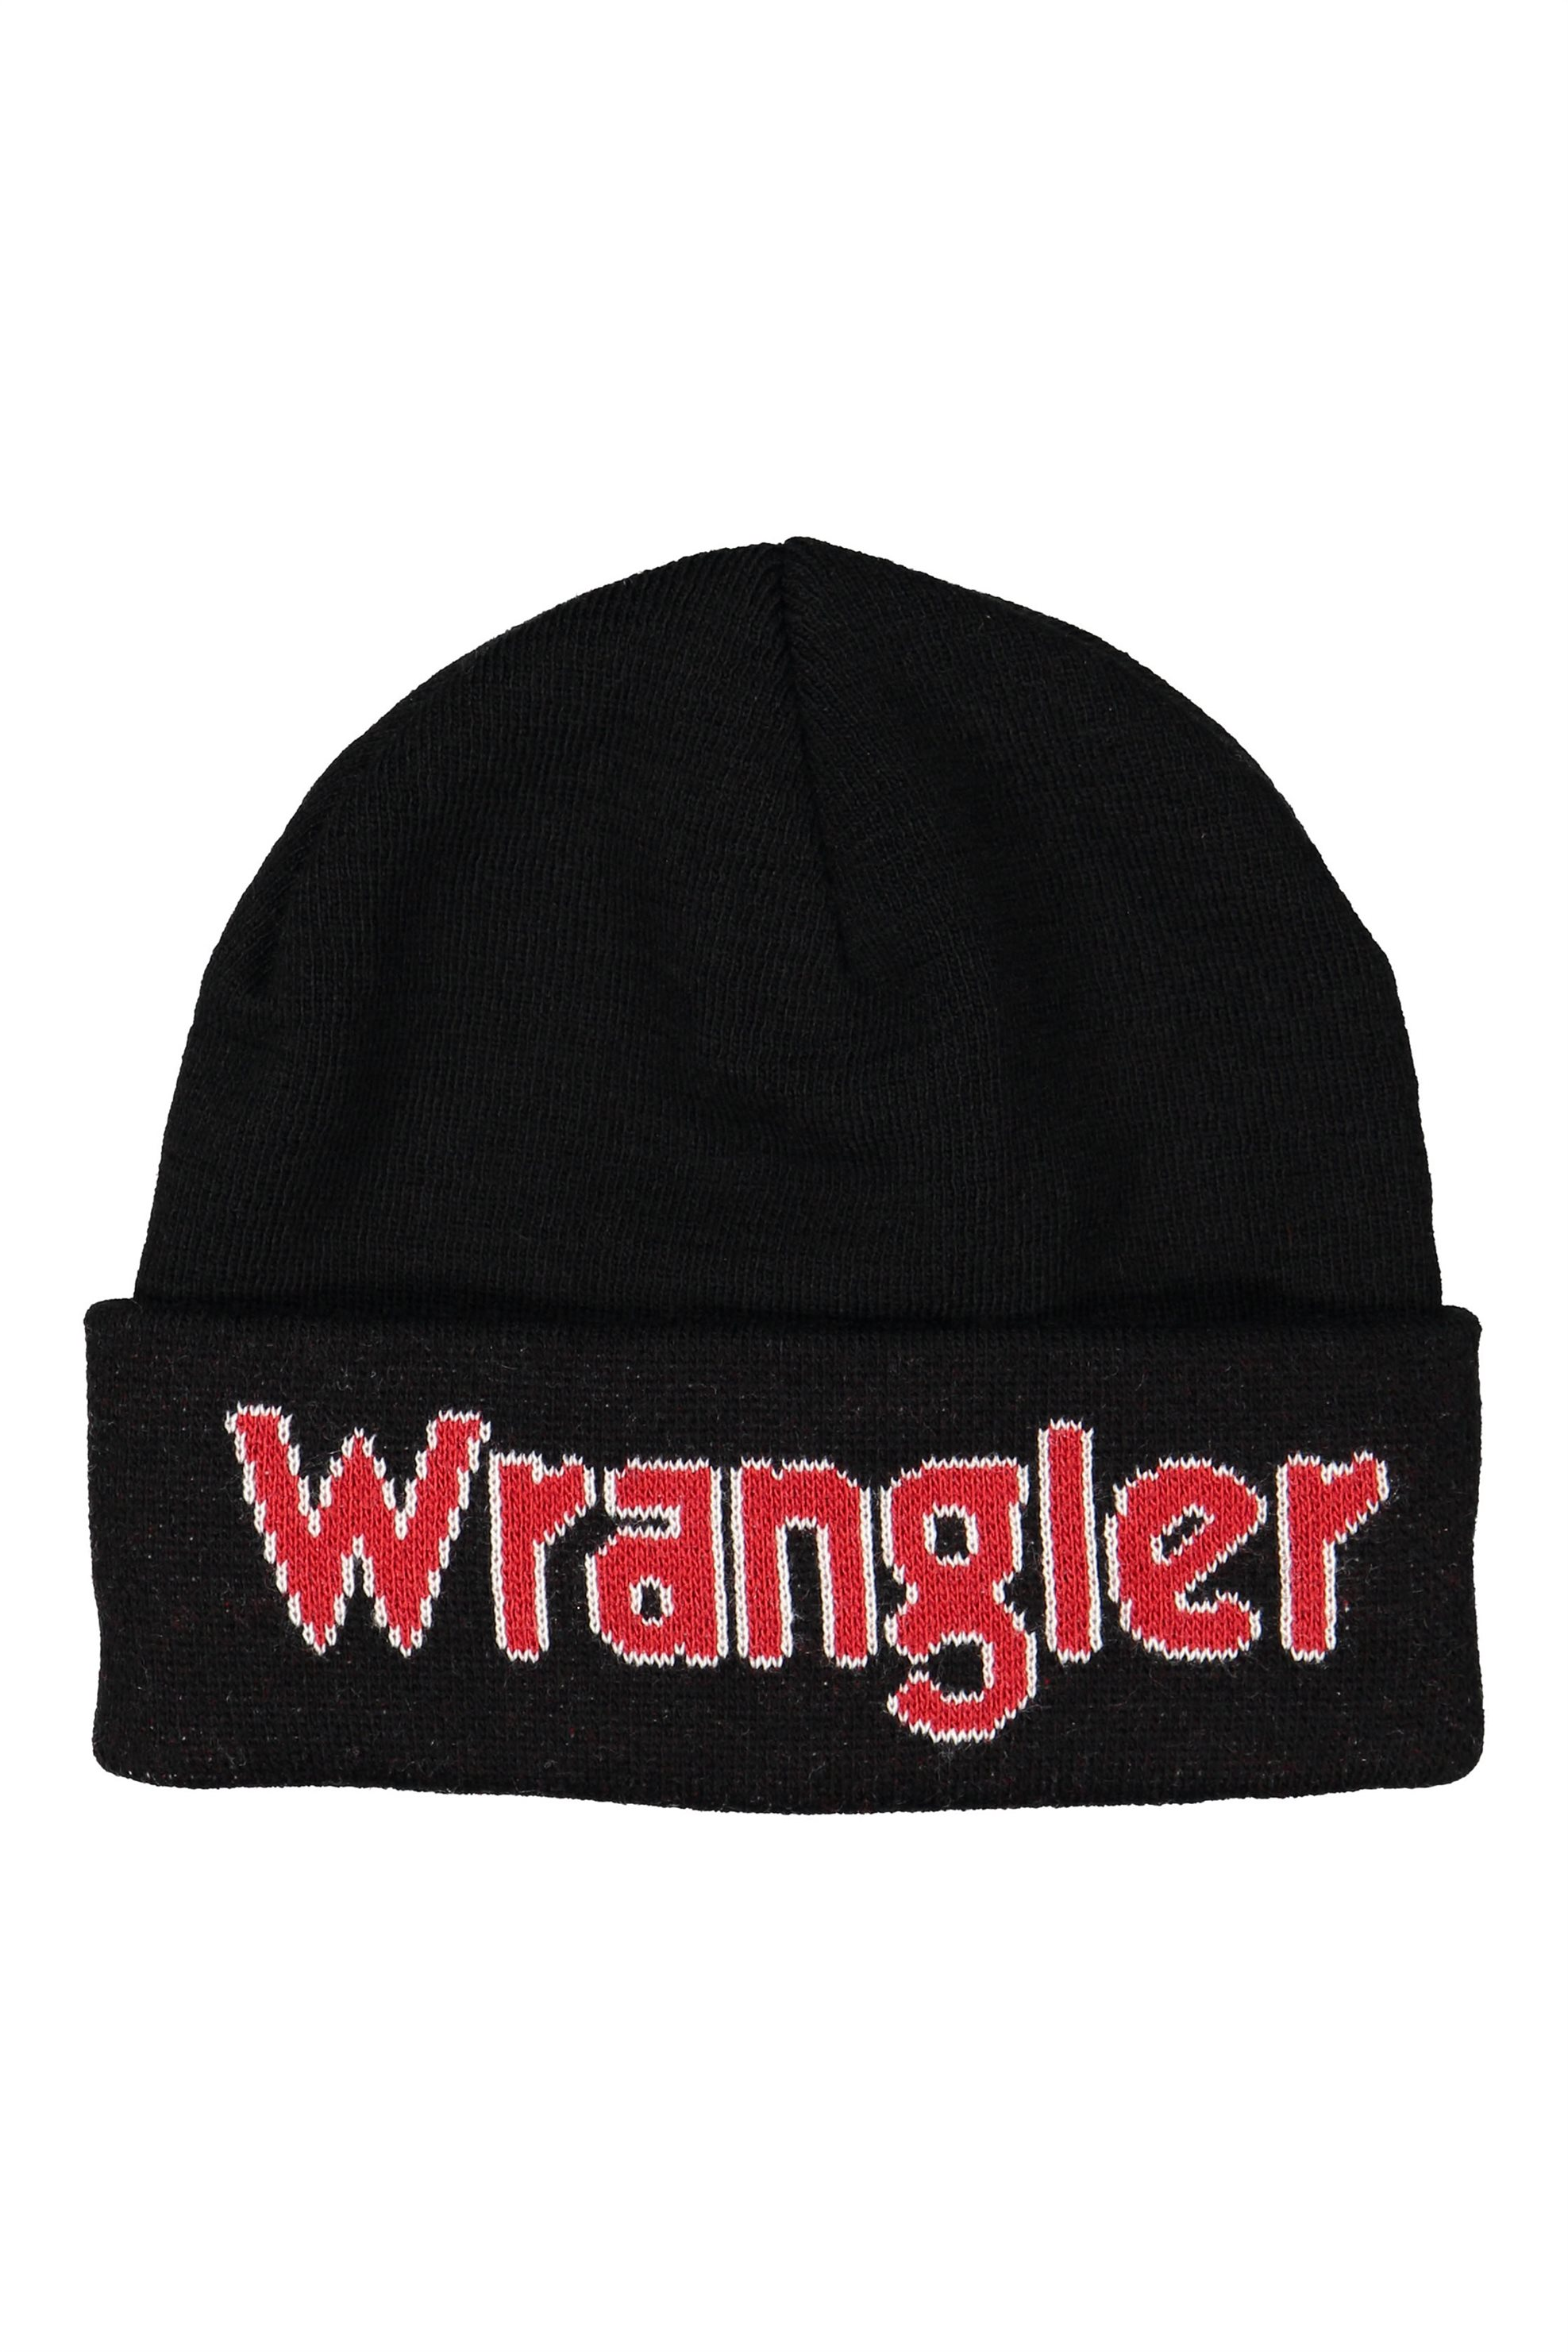 Wrangler ανδρικός σκούφος Kabel Beanieμαύρο - W0M39UH01 - Μαύρο ανδρασ   αξεσουαρ   καπέλα